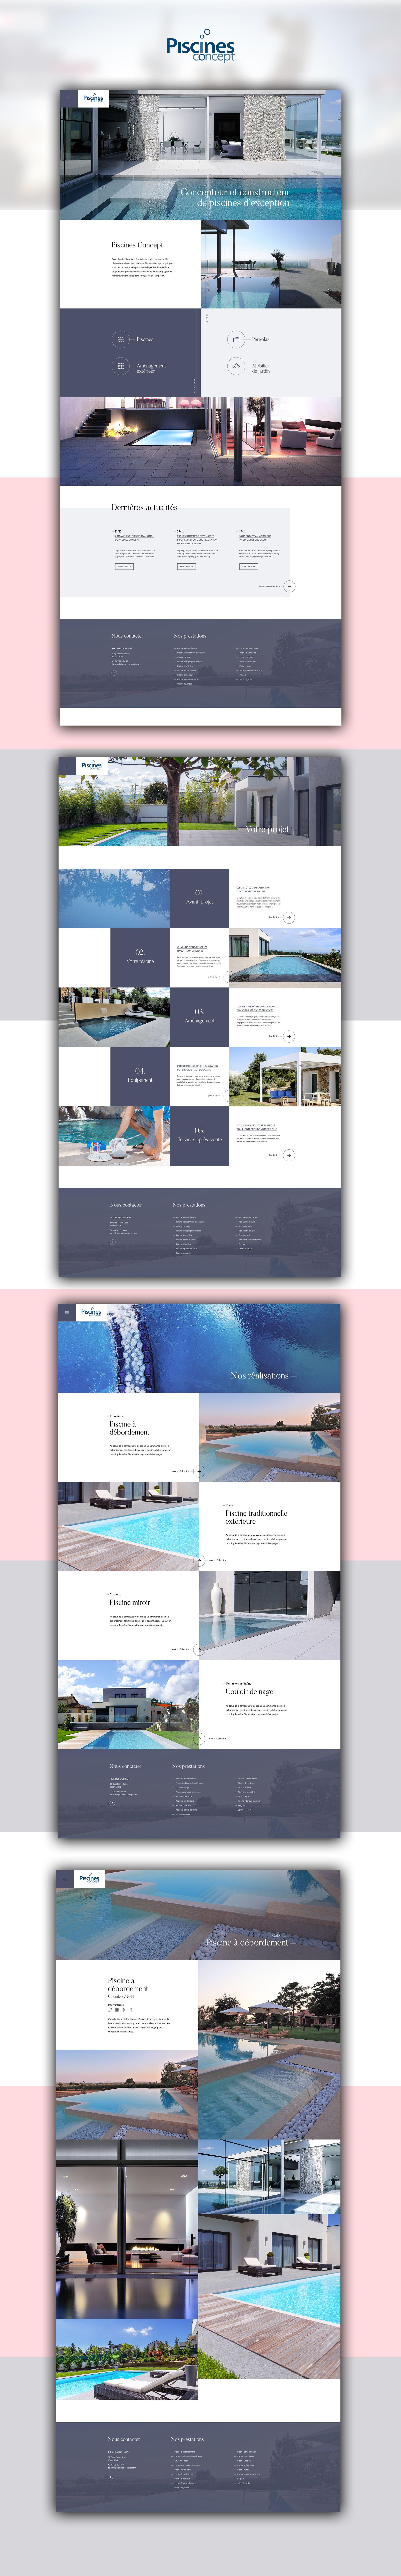 Maquette Web U2014 Piscines Concept #webdesign #website #design #piscine # Swimming #